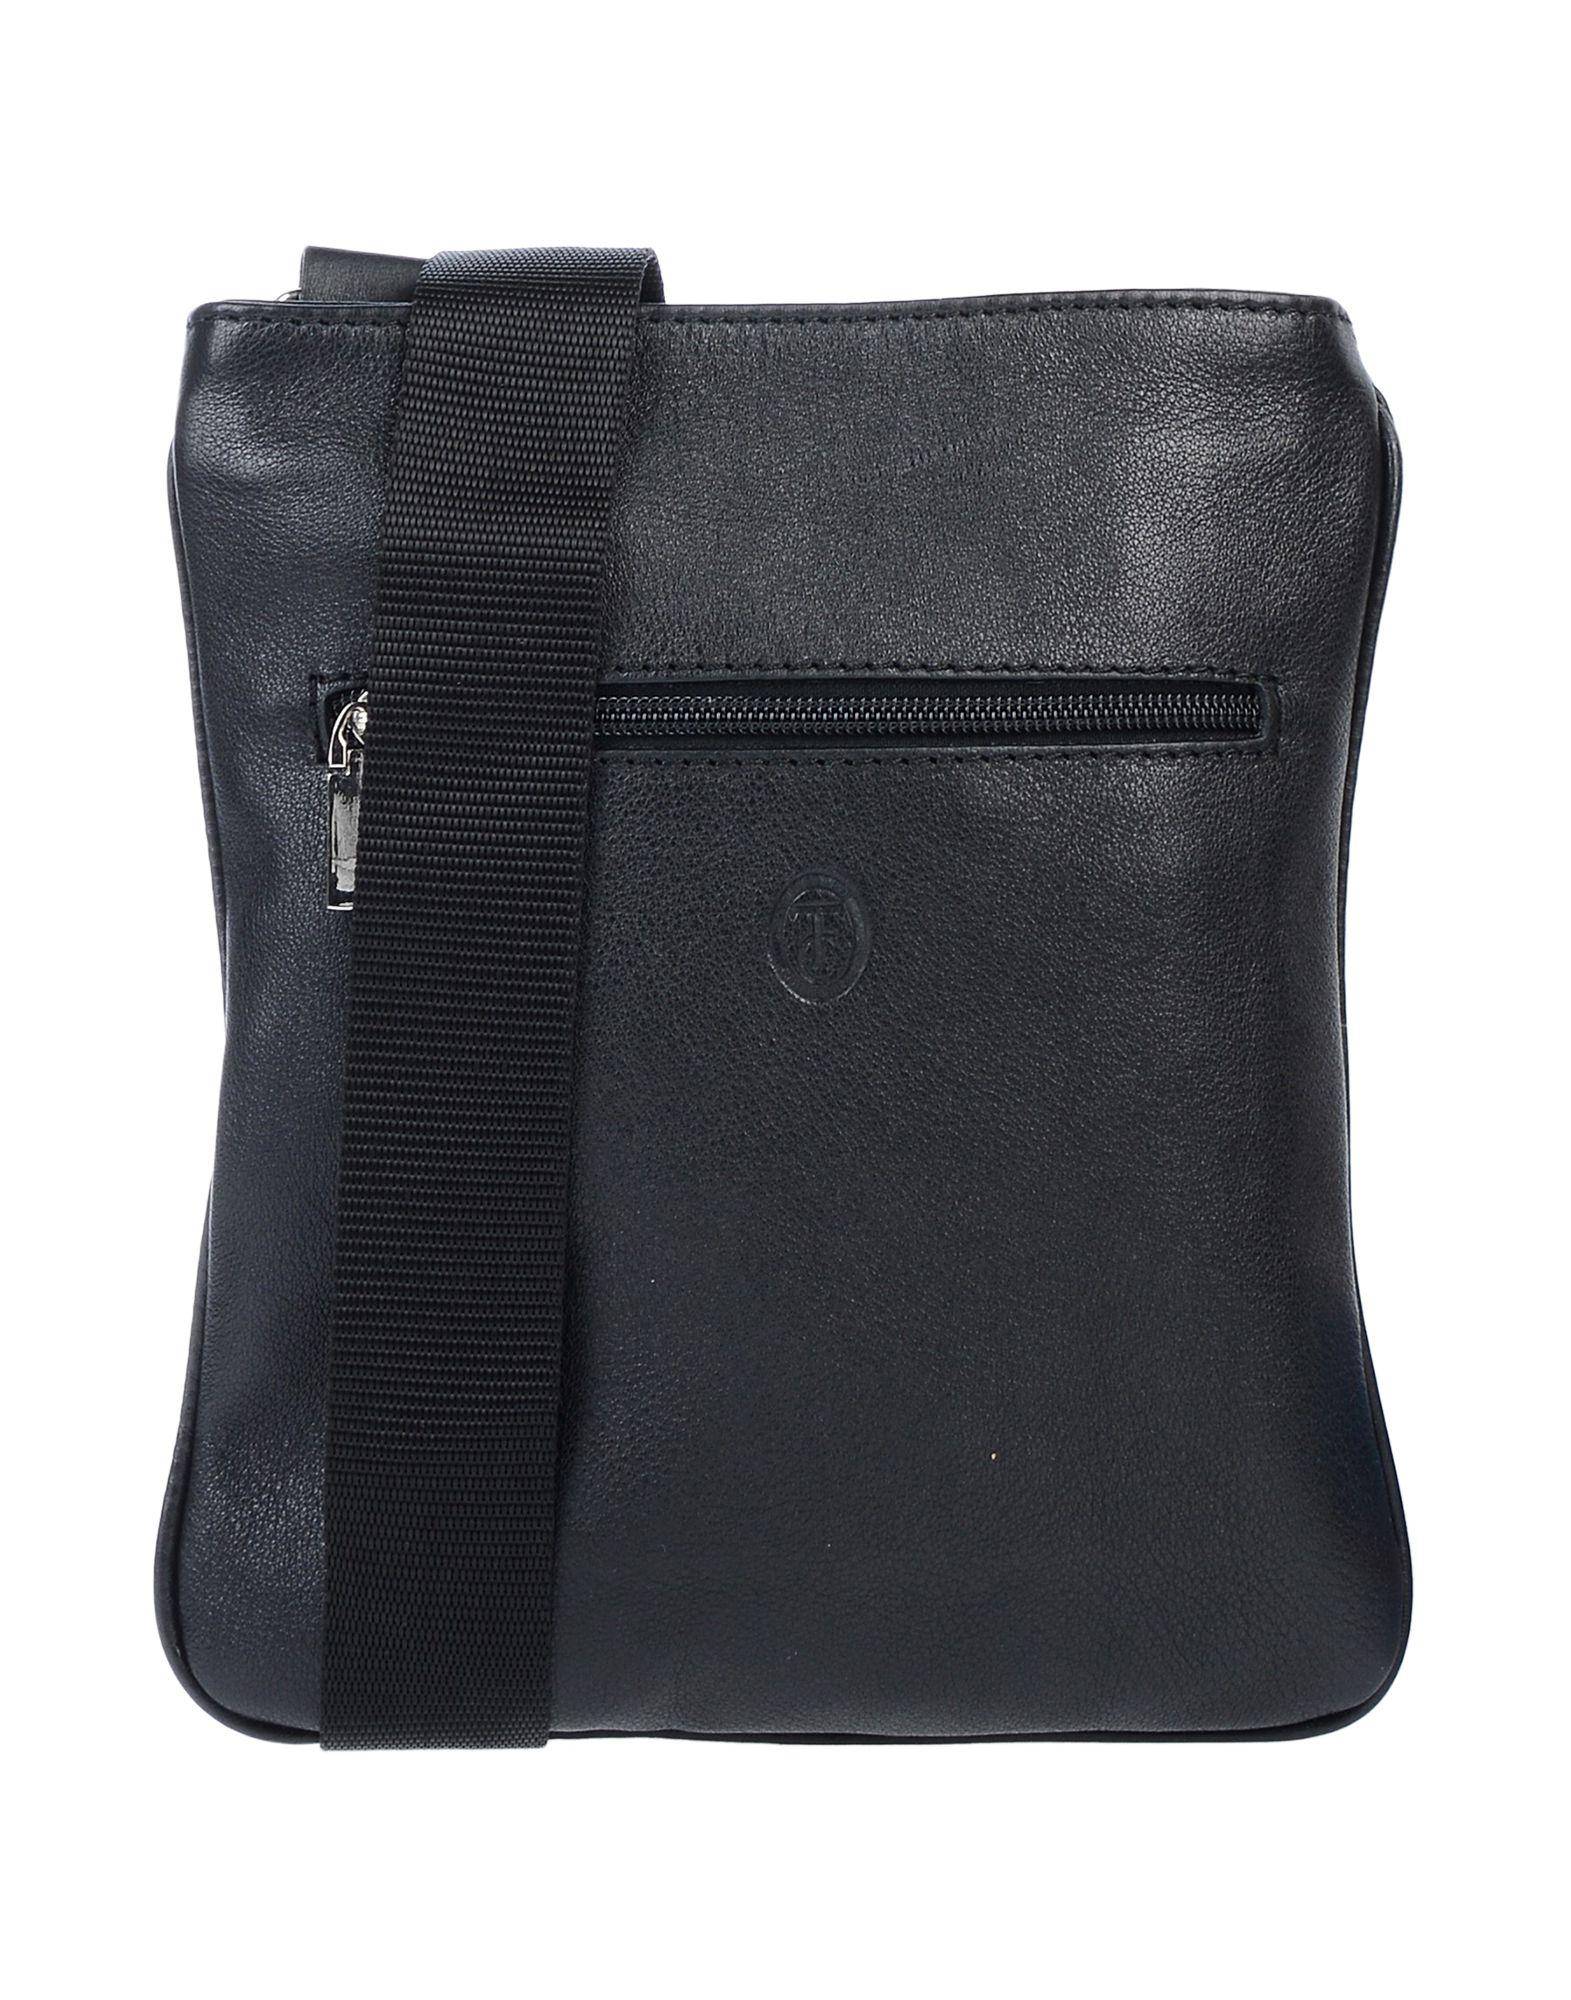 Фото - TRUSSARDI Сумка через плечо trussardi jeans сумка через плечо